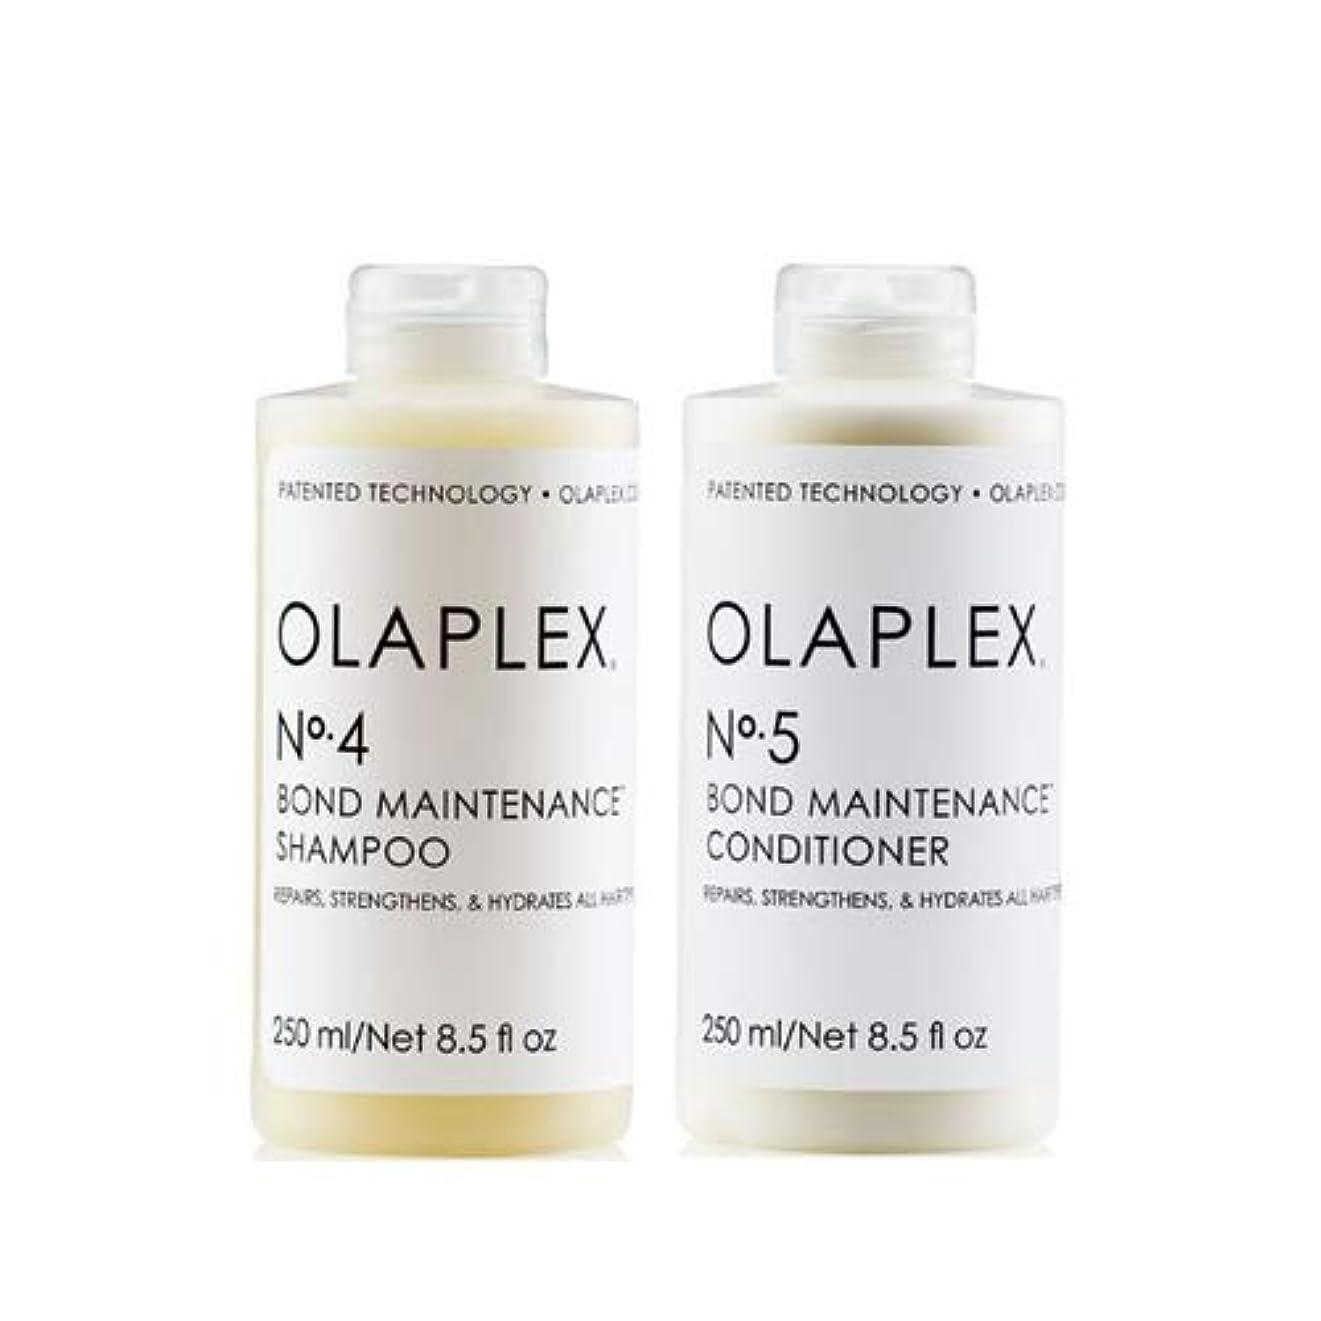 バイオレットより良い滑るOlaplex オラプレックス No. 4 5 ボンド メンテナンス シャンプー&コンディショナー Olaplex Bond Maintenance Shampoo & Conditioner 【並行輸入品】